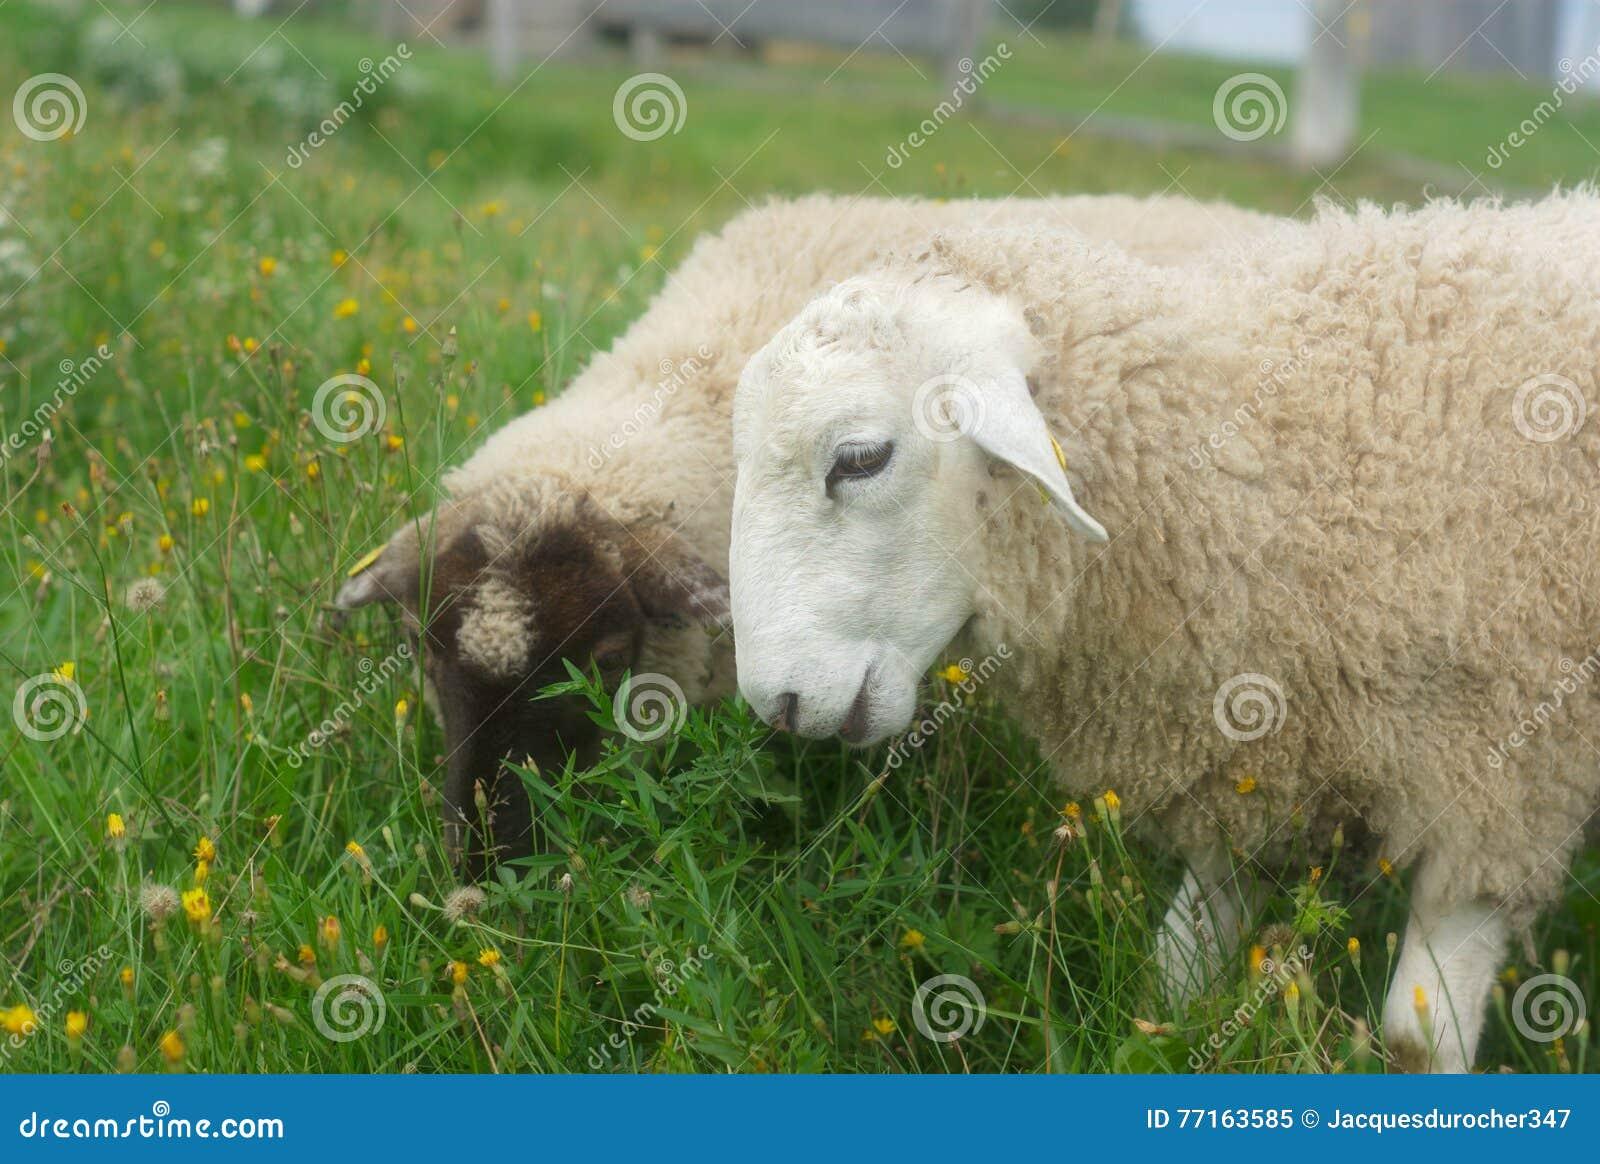 Moutons mangeant l herbe dans un pré vert